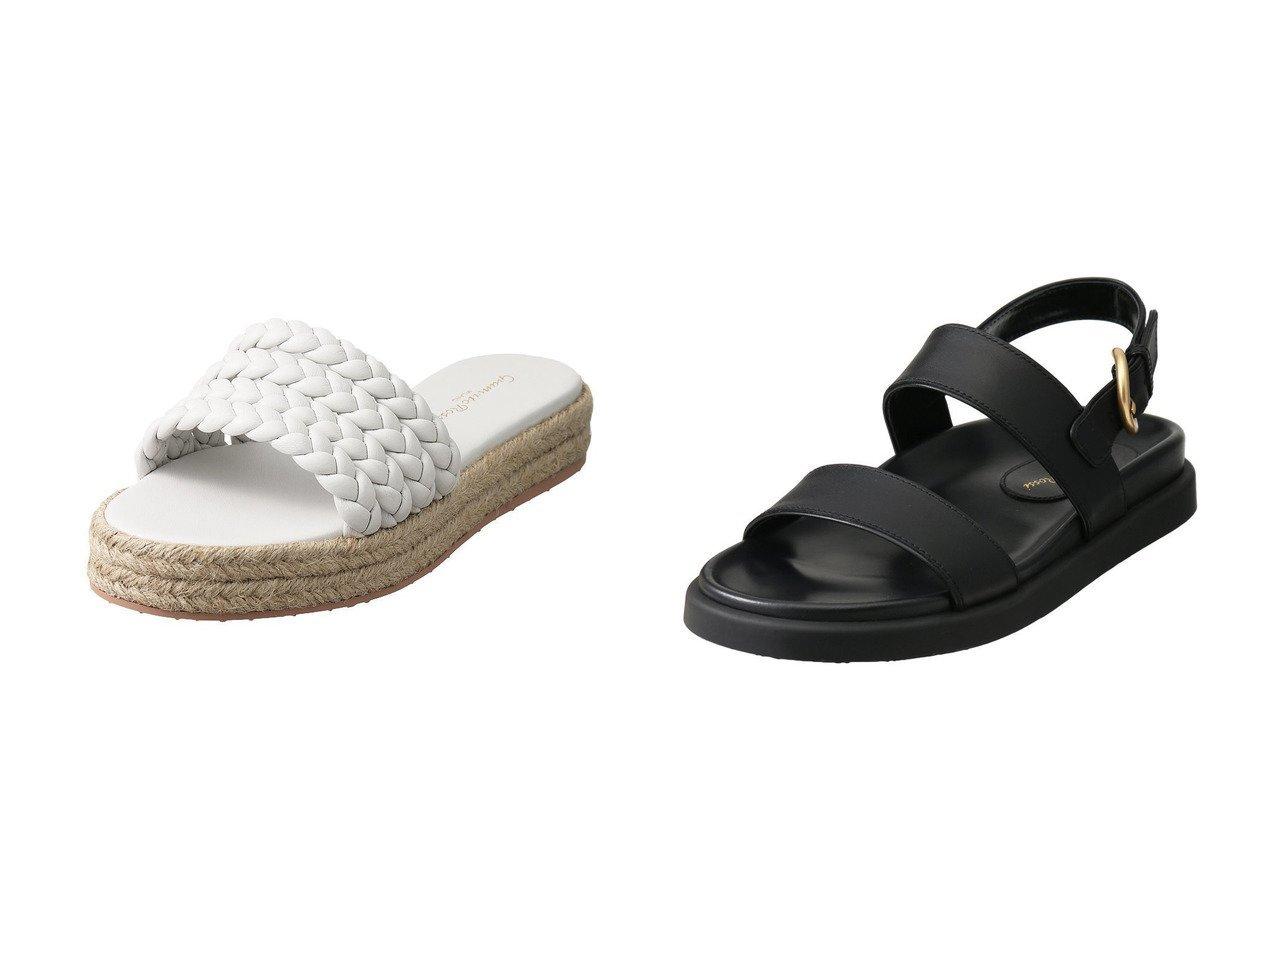 【GIANVITO ROSSI/ジャンビト ロッシ】のMARBELLA エスパドリーユサンダル&BILBAO ベルテッドサンダル 【シューズ・靴】おすすめ!人気、トレンド・レディースファッションの通販  おすすめで人気の流行・トレンド、ファッションの通販商品 メンズファッション・キッズファッション・インテリア・家具・レディースファッション・服の通販 founy(ファニー) https://founy.com/ ファッション Fashion レディースファッション WOMEN おすすめ Recommend サンダル バランス リゾート トレンド |ID:crp329100000034620